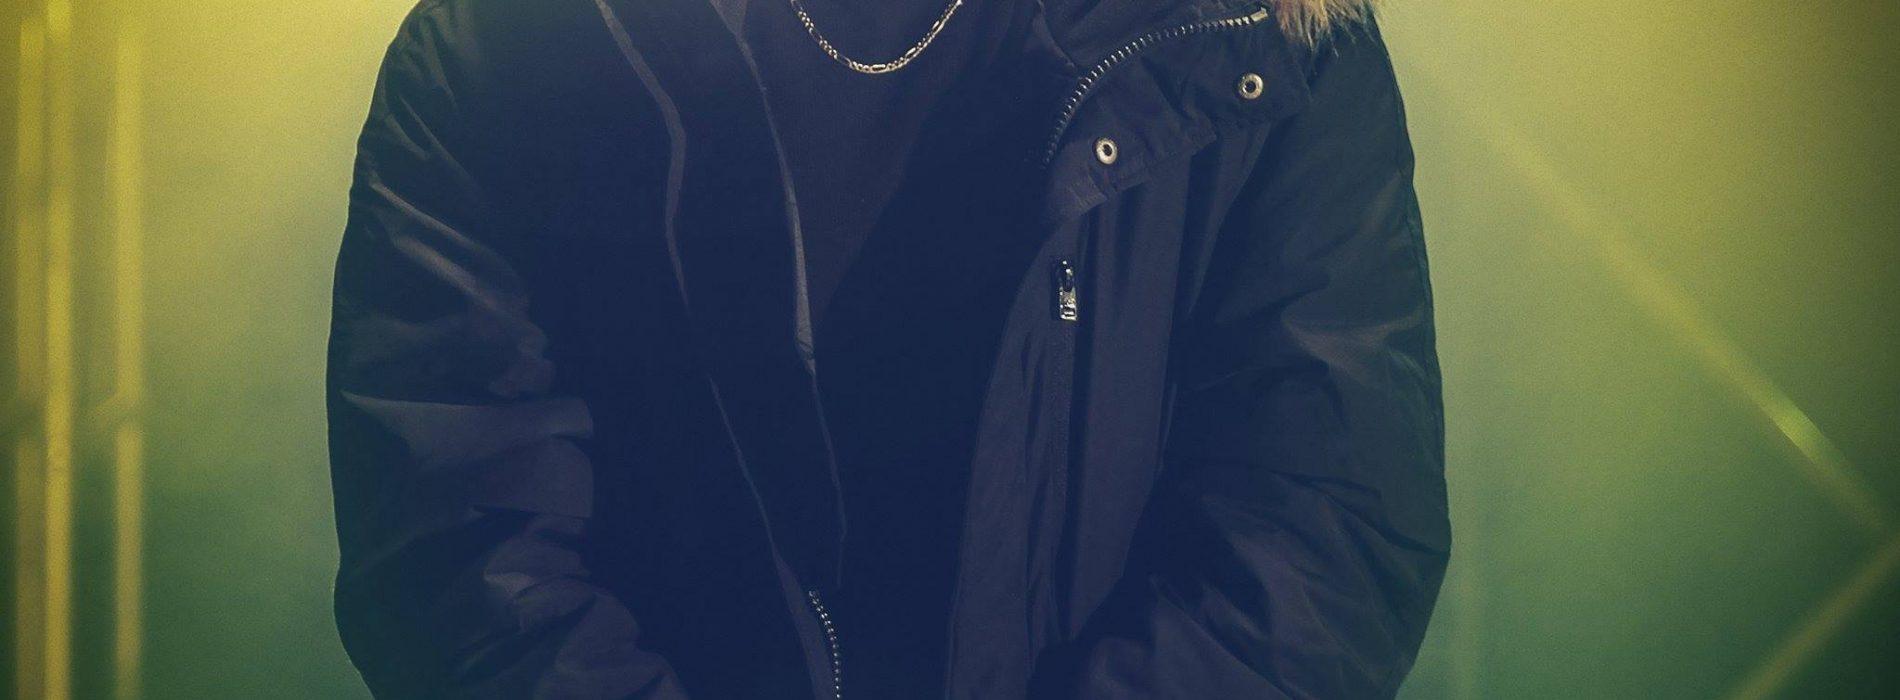 """KENYON nous dévoile son clip """"Whagwaan"""" – Clip Officiel Février 2017"""